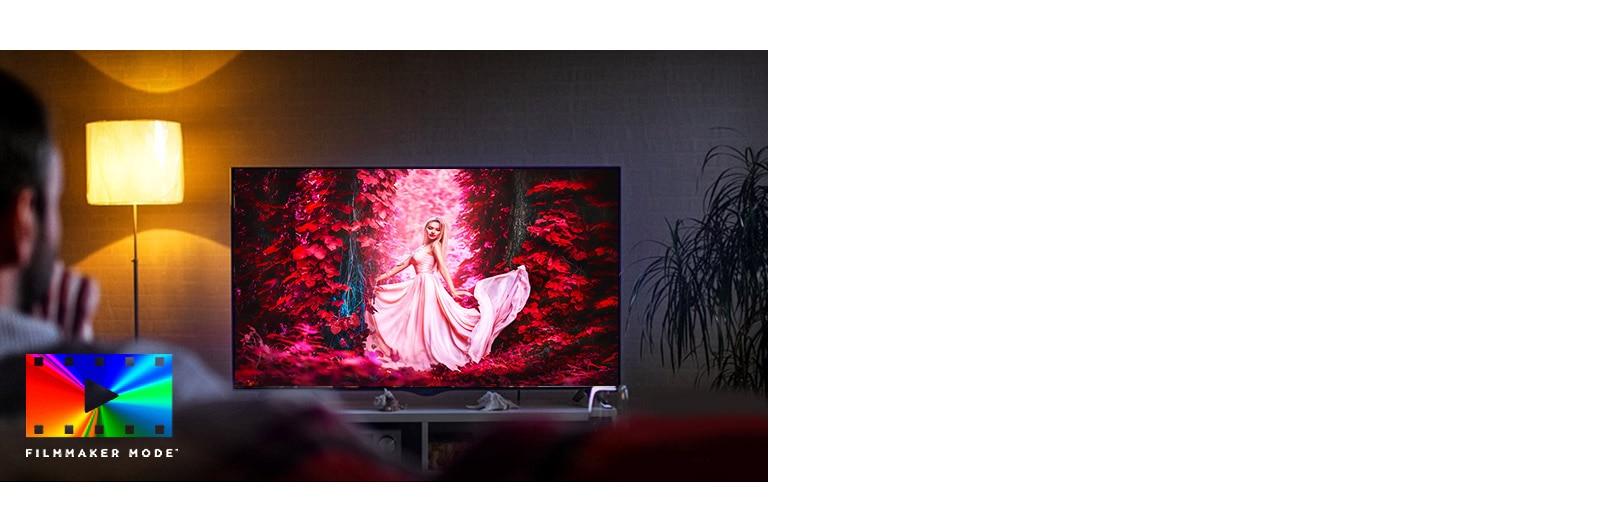 Muž sedící na pohovce vobývacím pokoji vbarevném filmu na televizní obrazovce